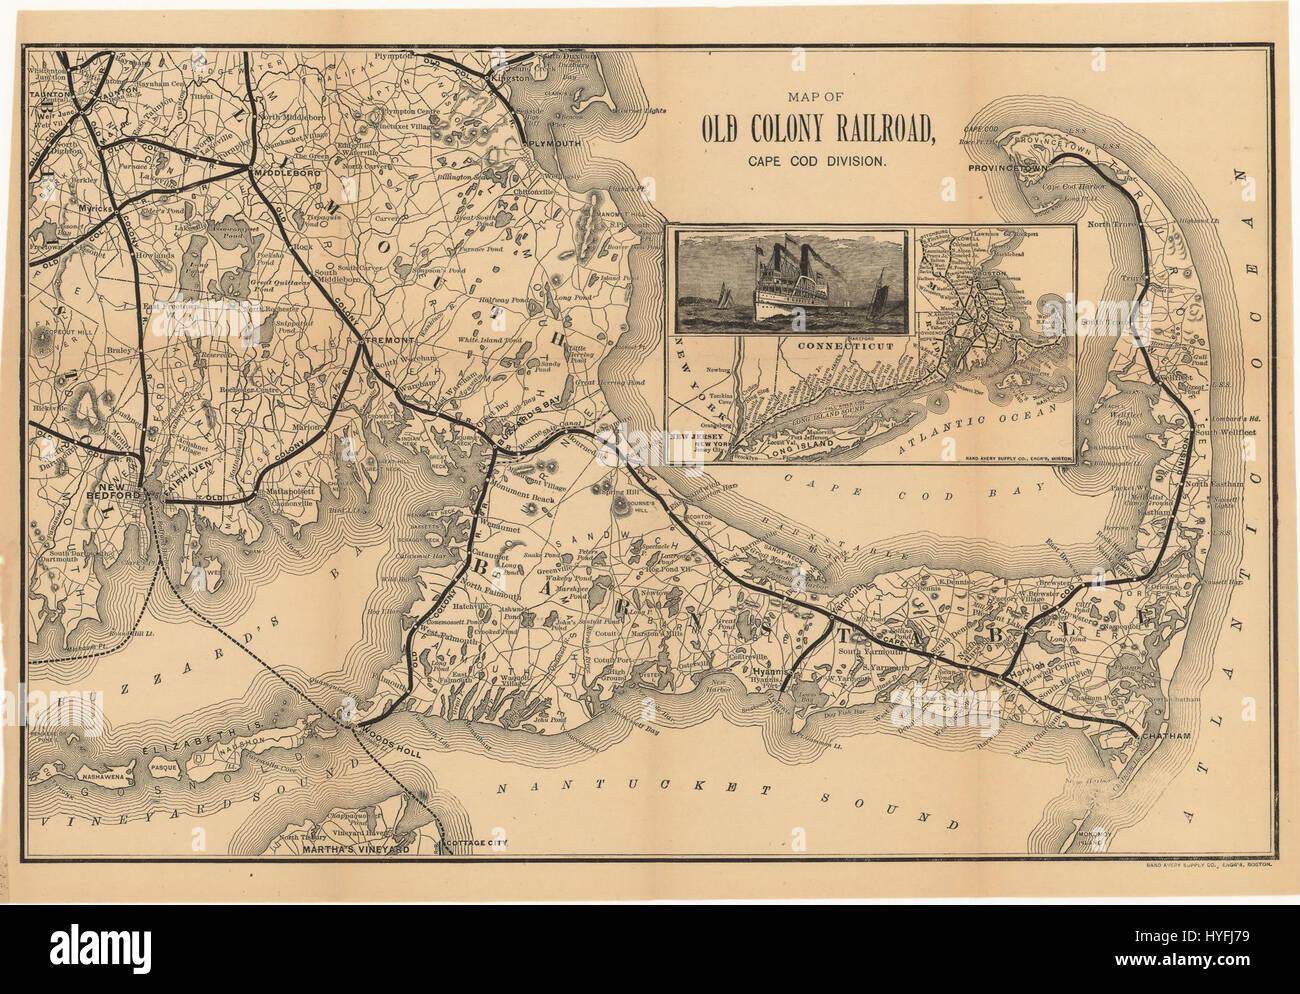 1888 Old Colony Railroad Cape Cod map Stock Photo: 137411885 - Alamy